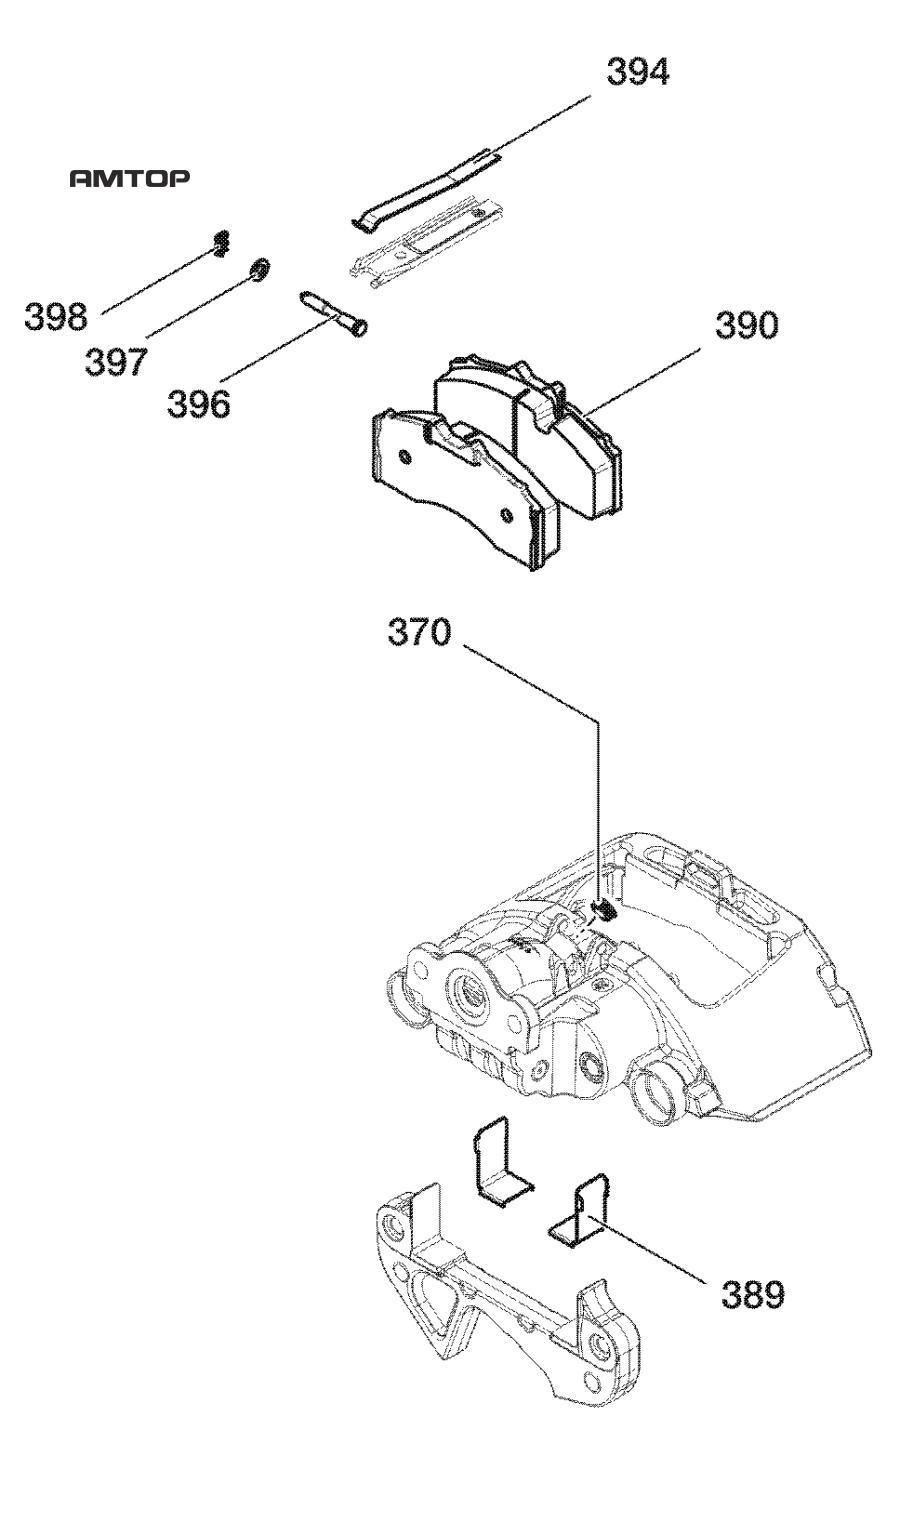 Ремонтный комплект тормозная накладкаTSB 3709 ( BPW 8200 )Вкл. поз. 370, 389, 394, 396 - 398